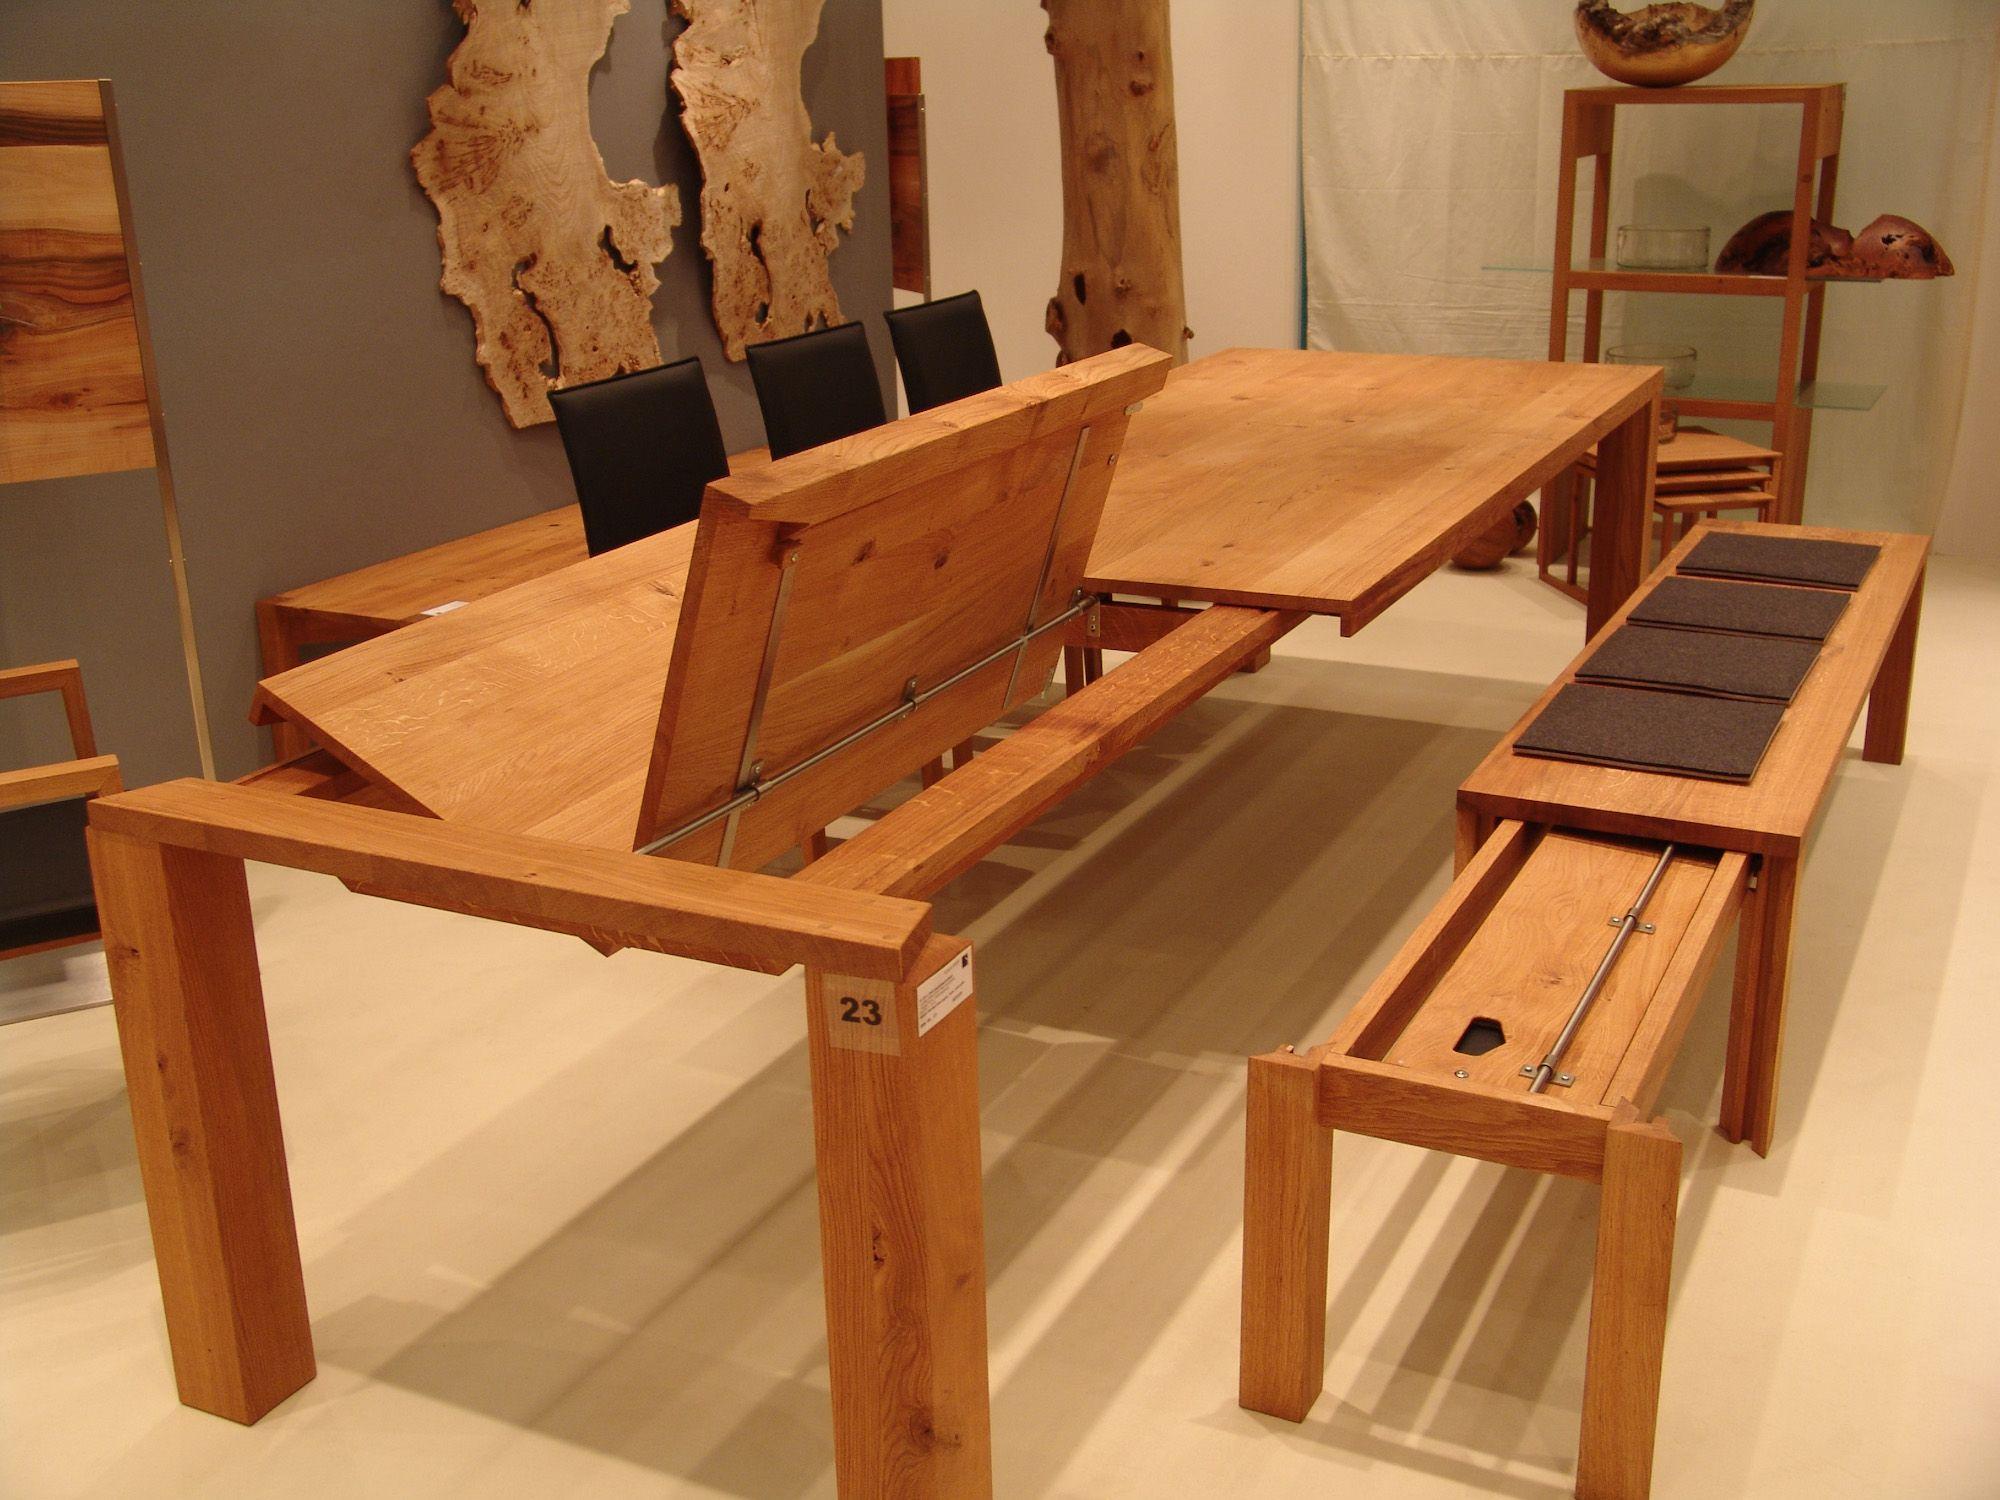 Esstisch Holz Massiv Mit Klappeinlage Bank Ausziehbar